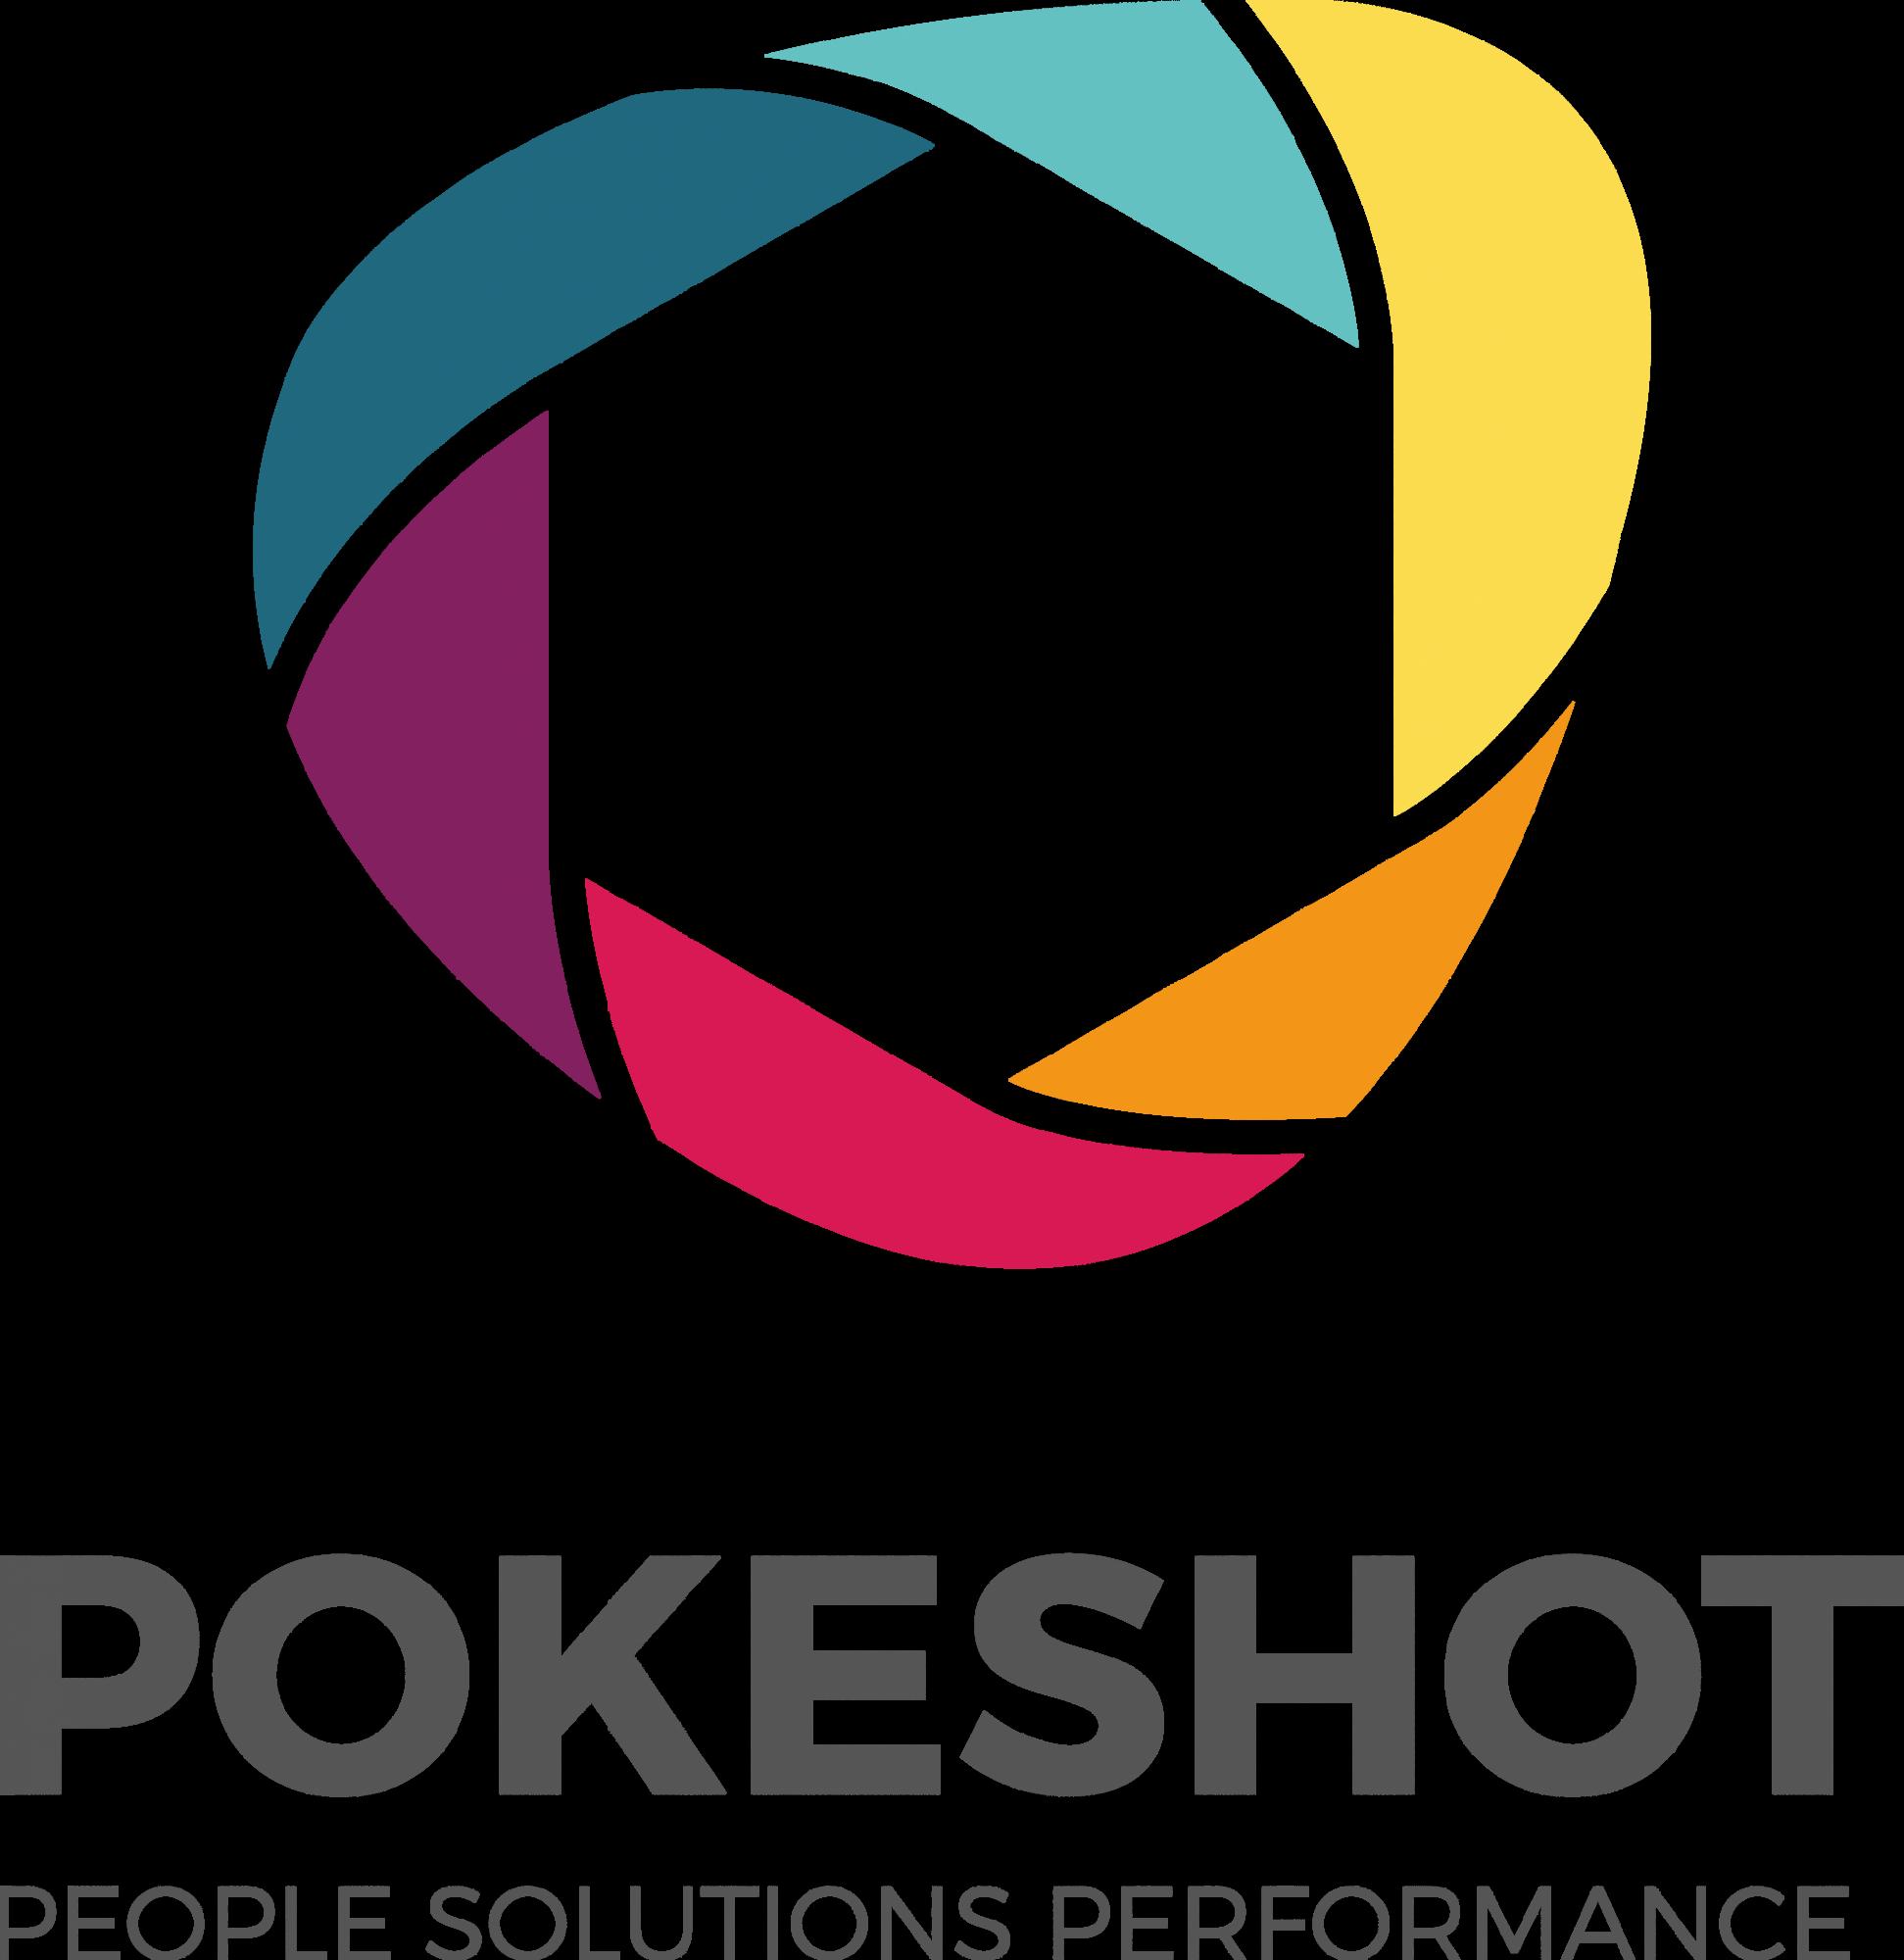 Pokeshot GmbH